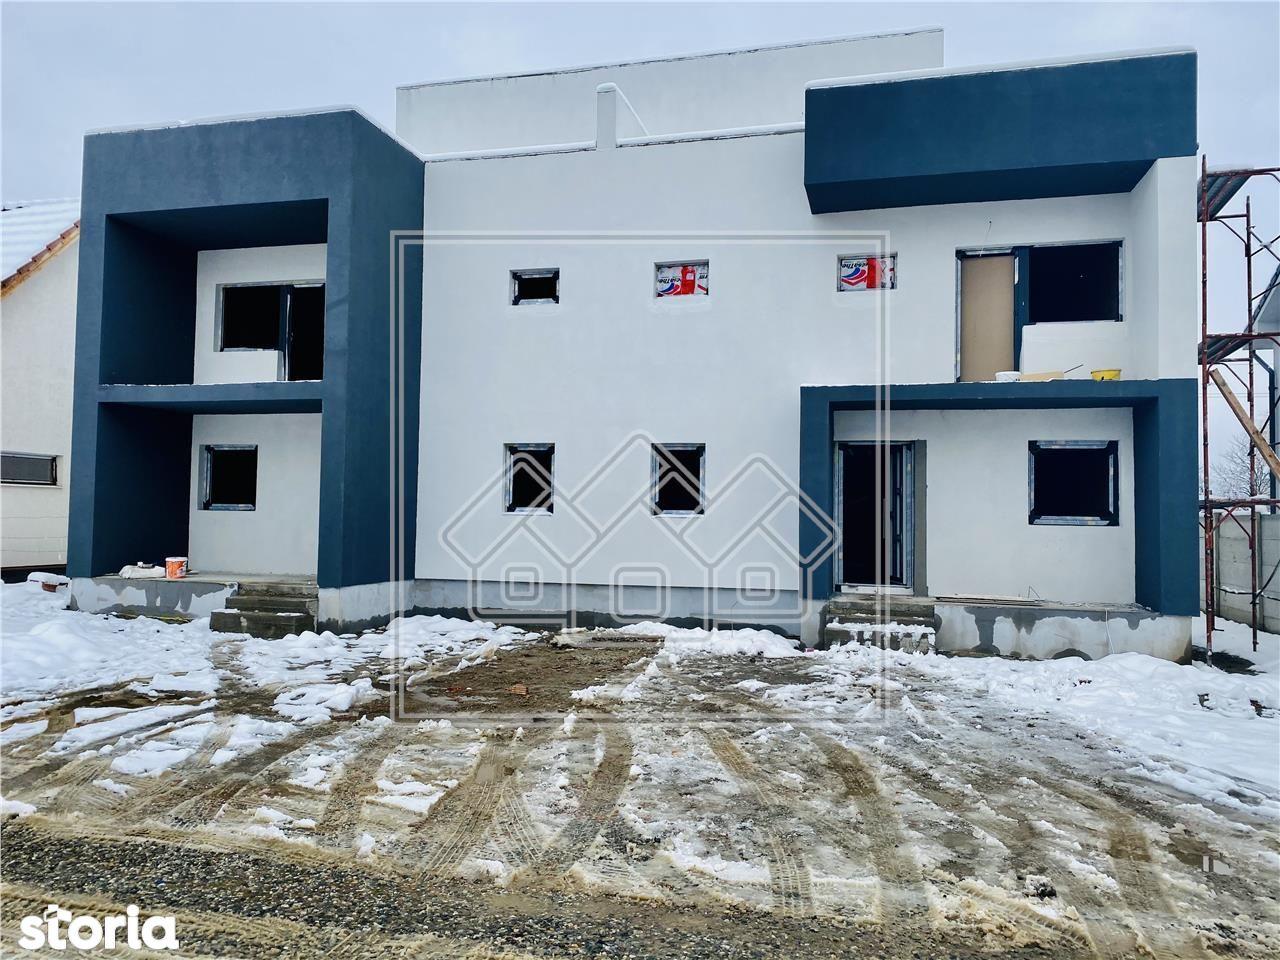 Casa tip dublex, 180 utili si curte libera 197 situata in Selimbar